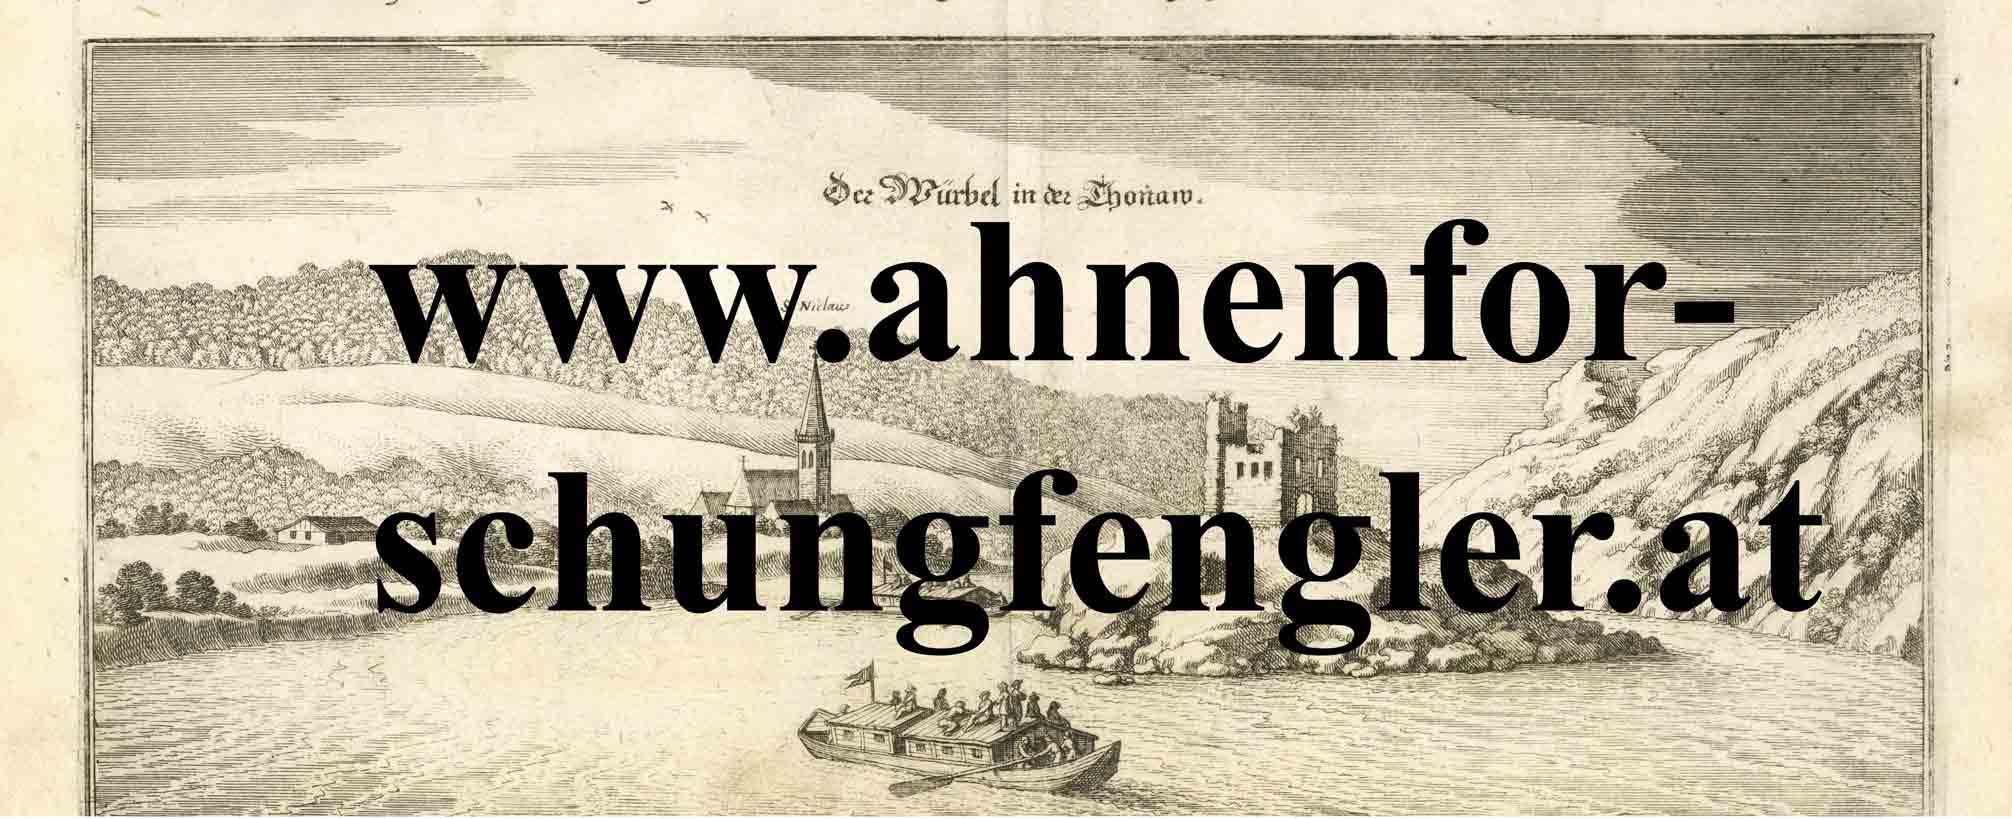 204012-Donau-Wirbel